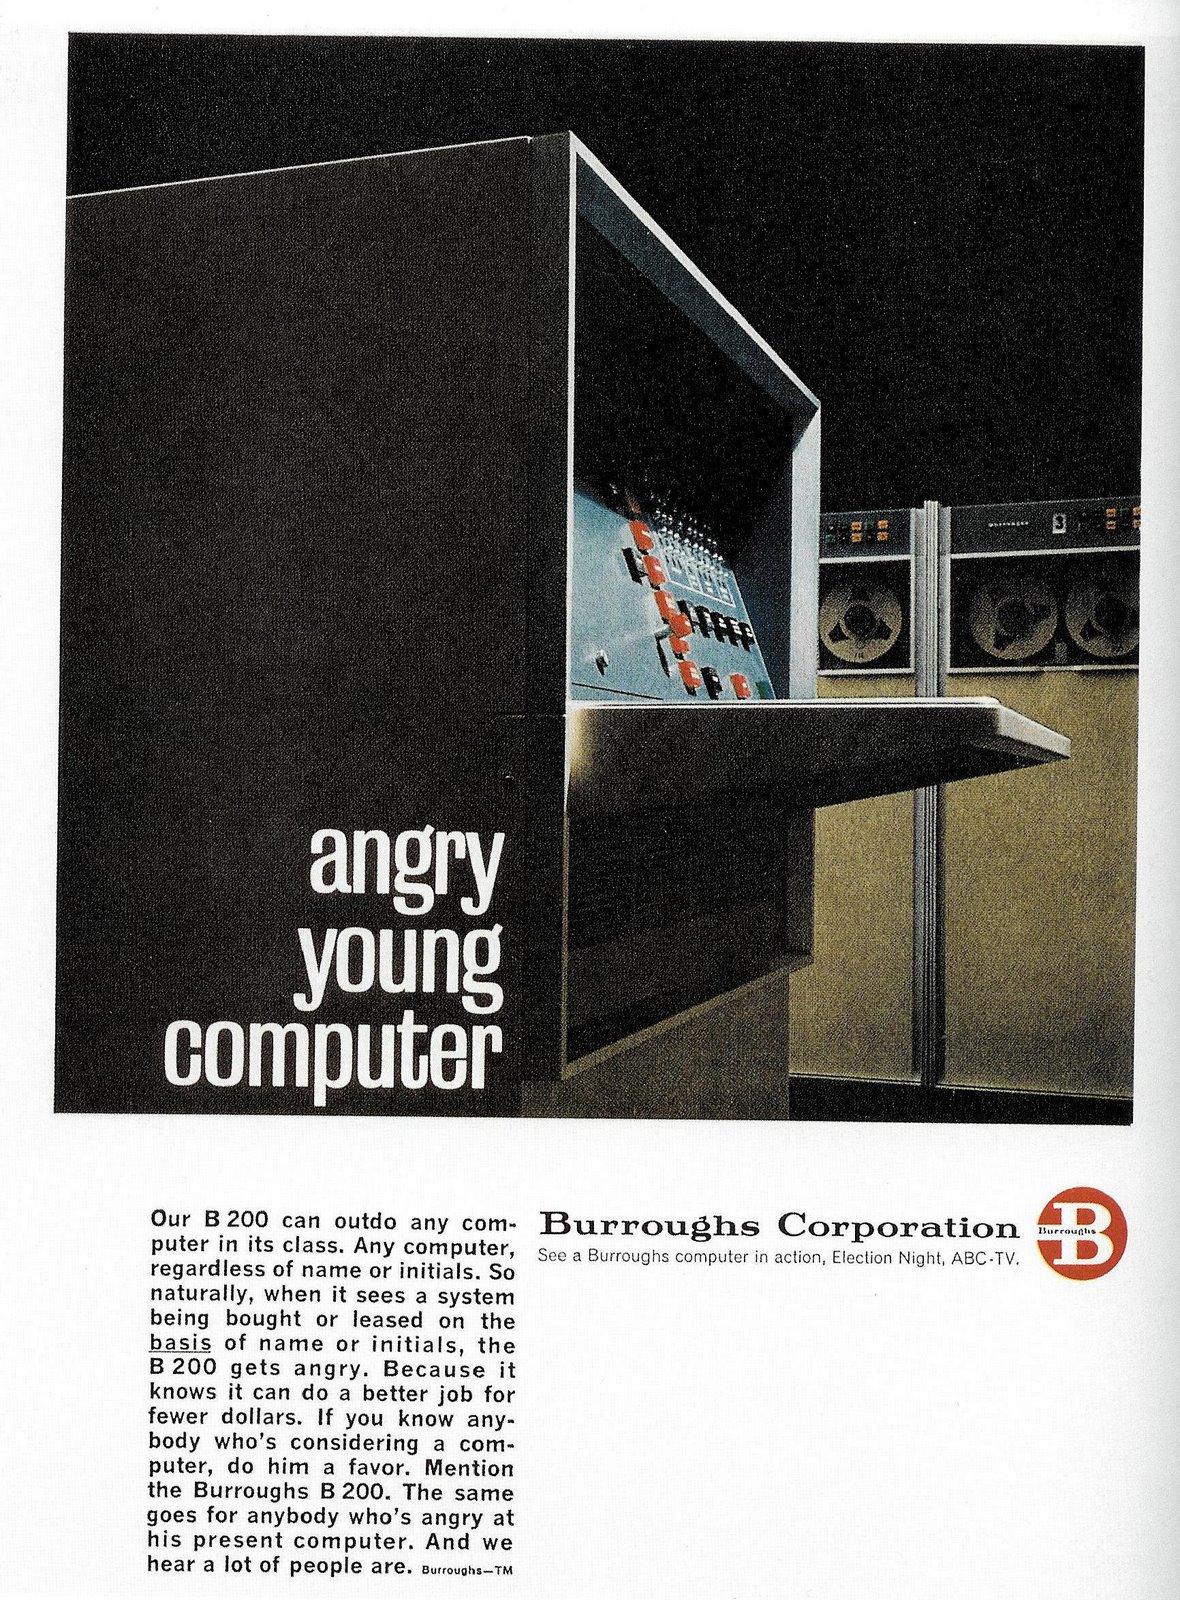 [AngryComputer1963]